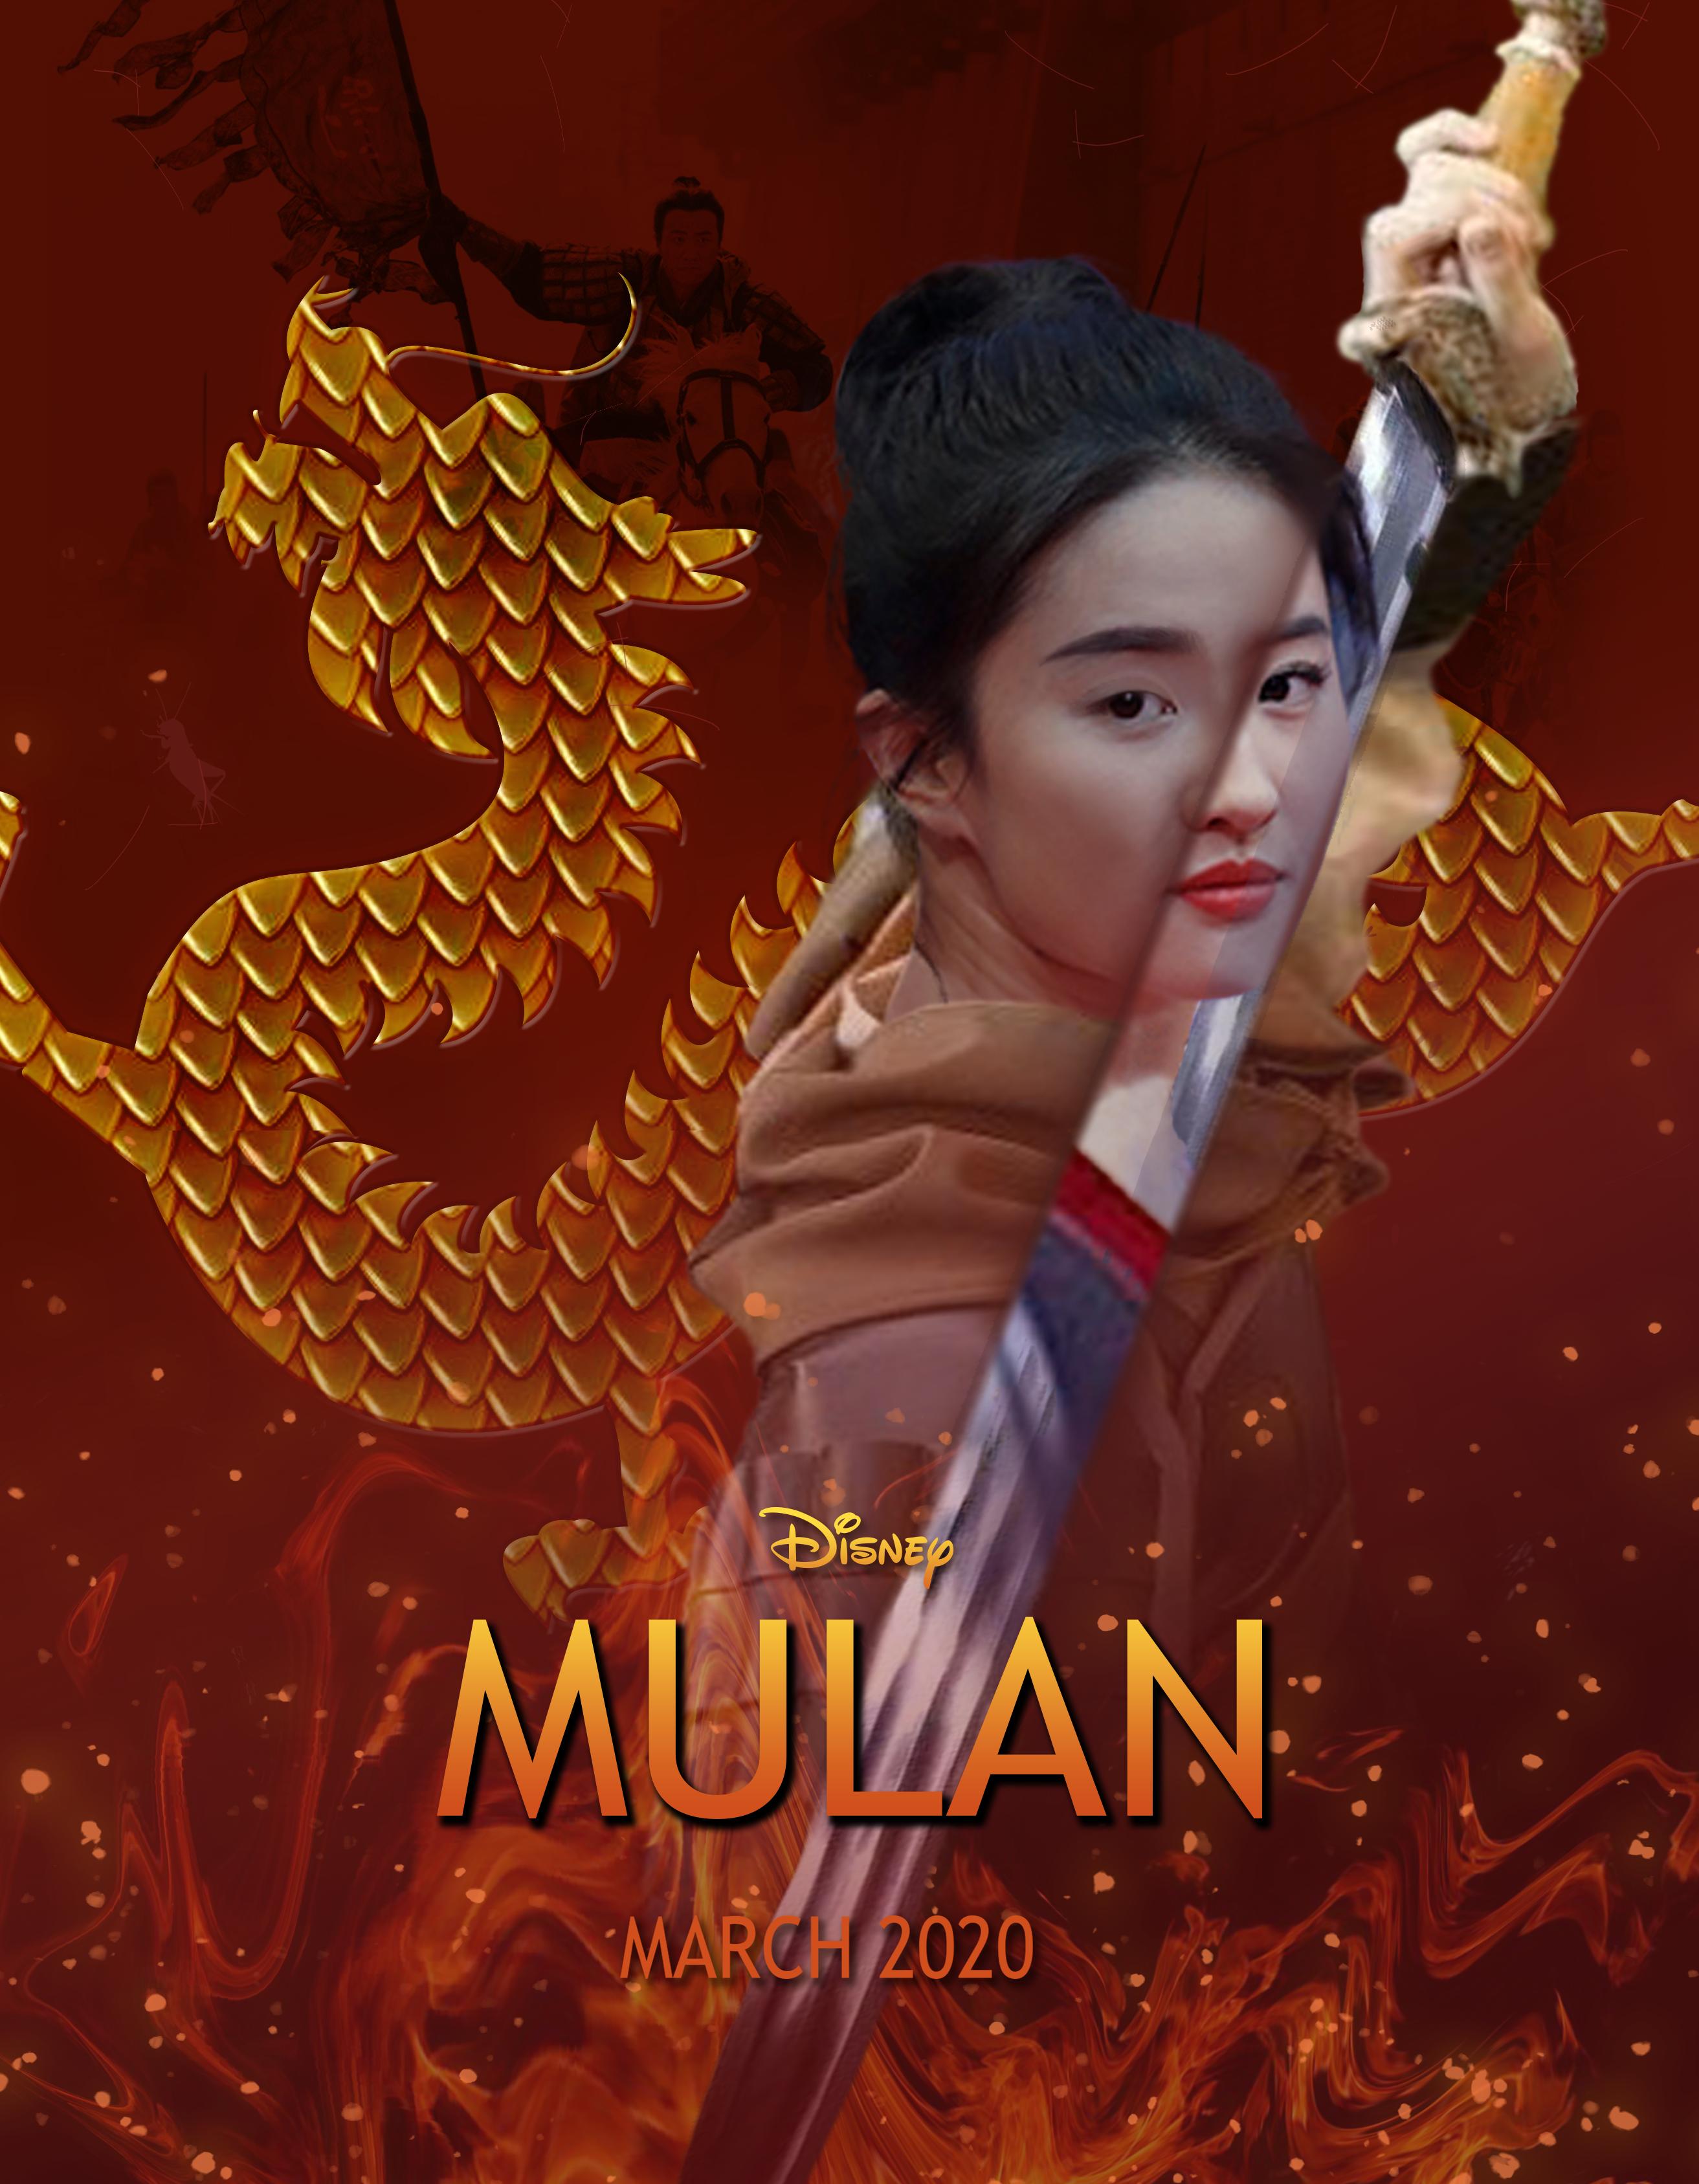 Stream Bluray Movies Mulan Online Free In 2020 Mulan Mulan Movie Watch Mulan